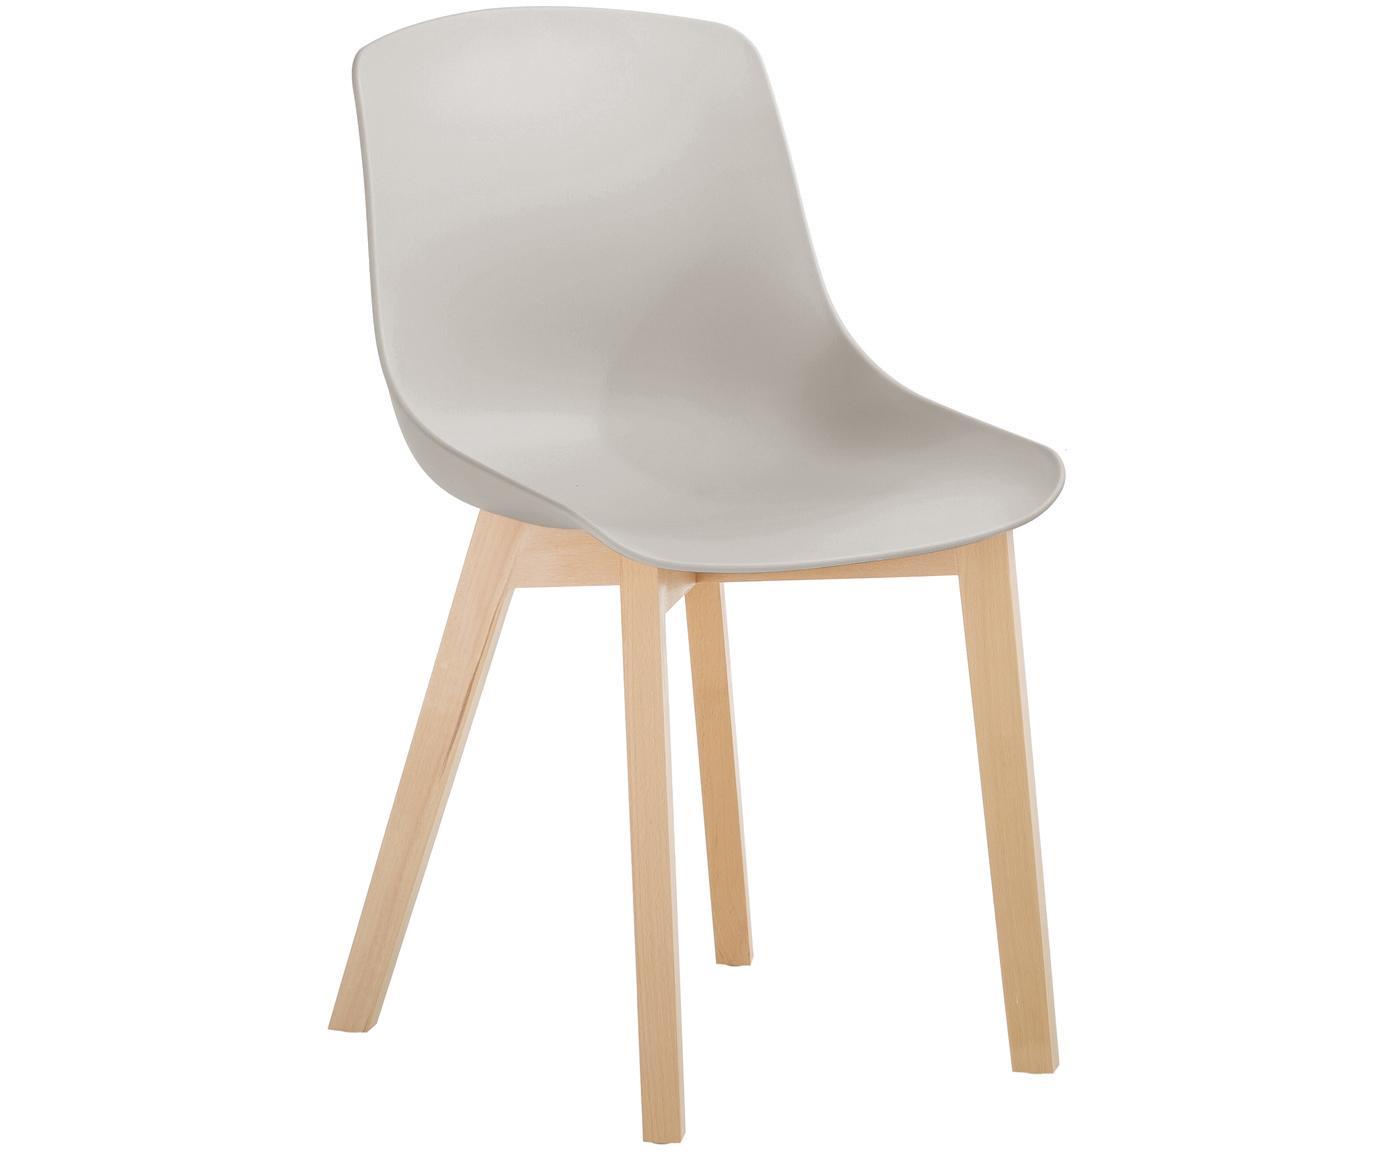 Krzesło z tworzywa sztucznego Dave, 2 szt., Nogi: drewno bukowe, Beżowoszary, S 46 x W 82 cm